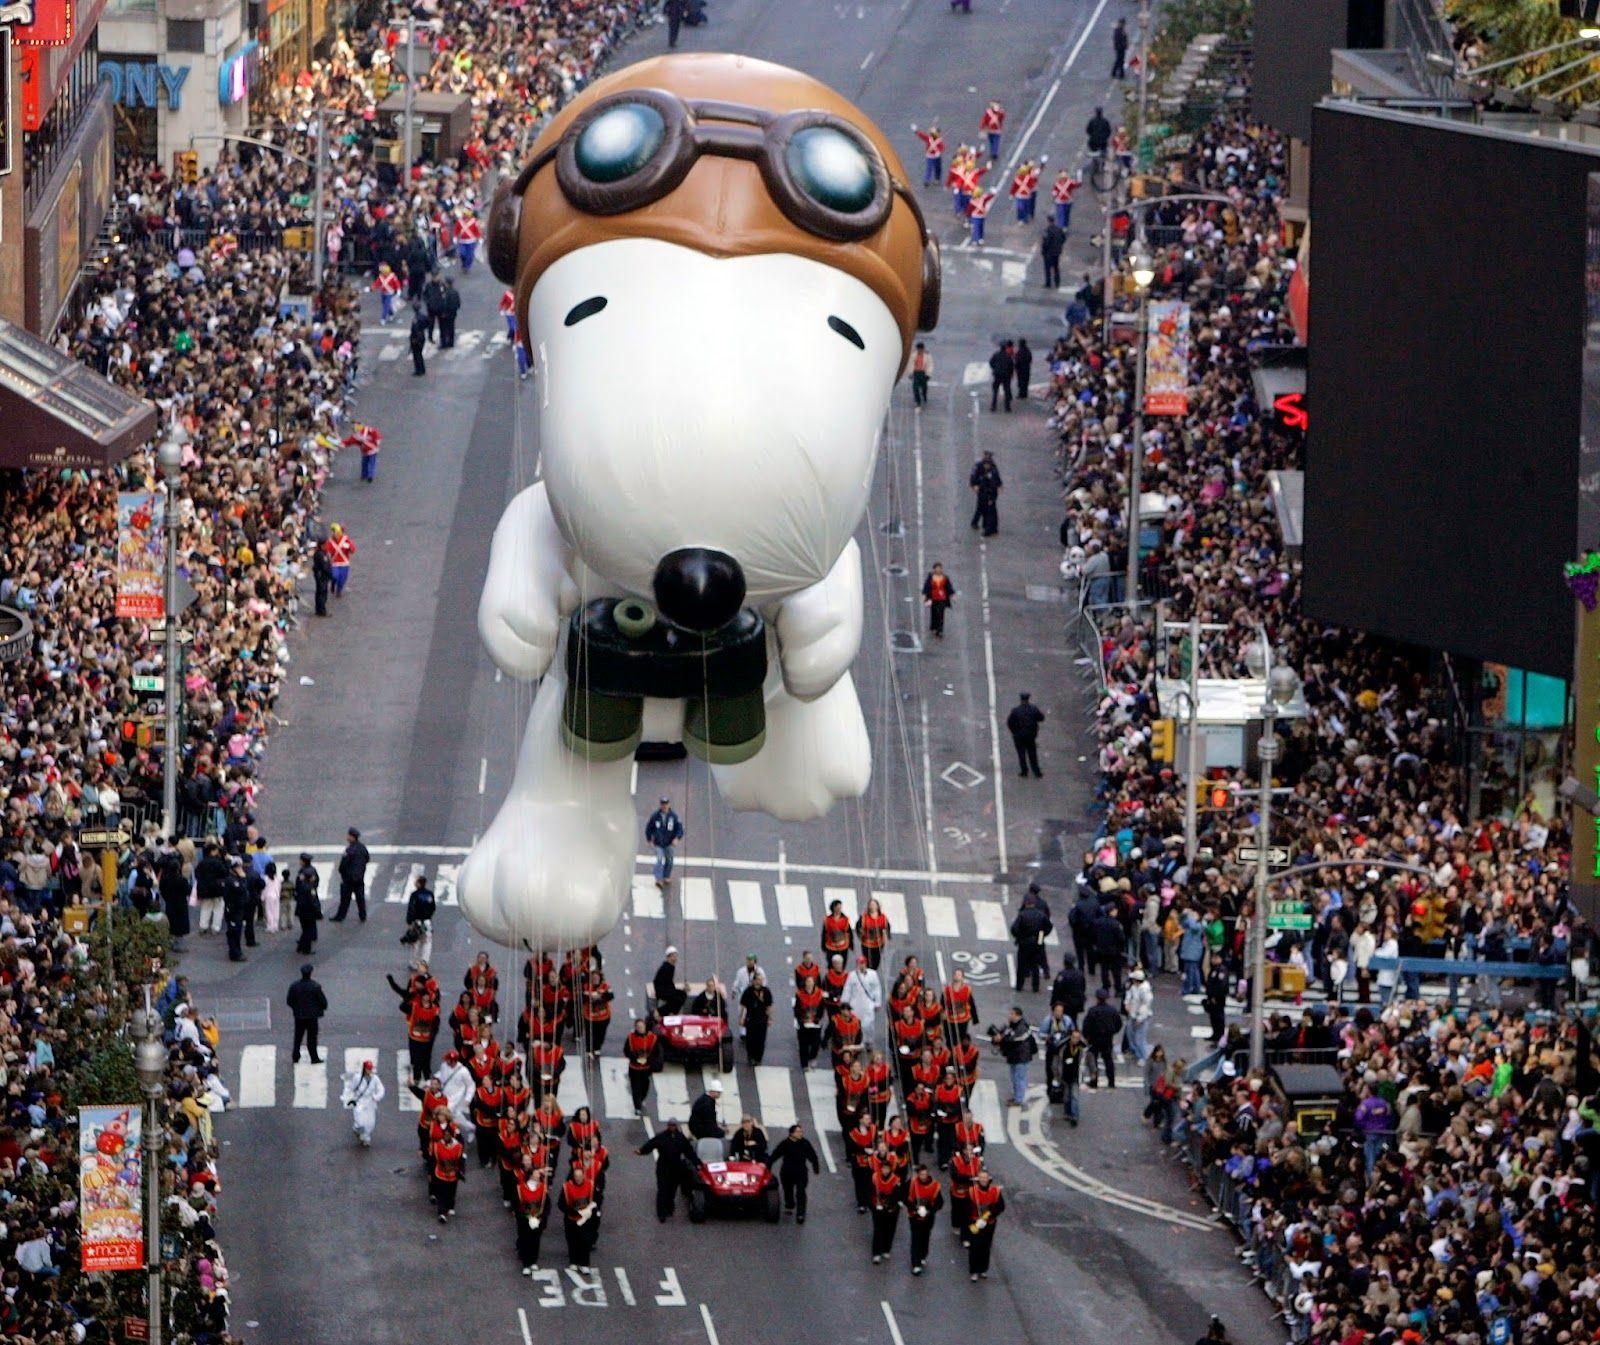 Chicas En New York Accion De Gracias En Nyc Macy S Thanksgiving Day Parade Macy S Thanksgiving Day Parade Thanksgiving Parade